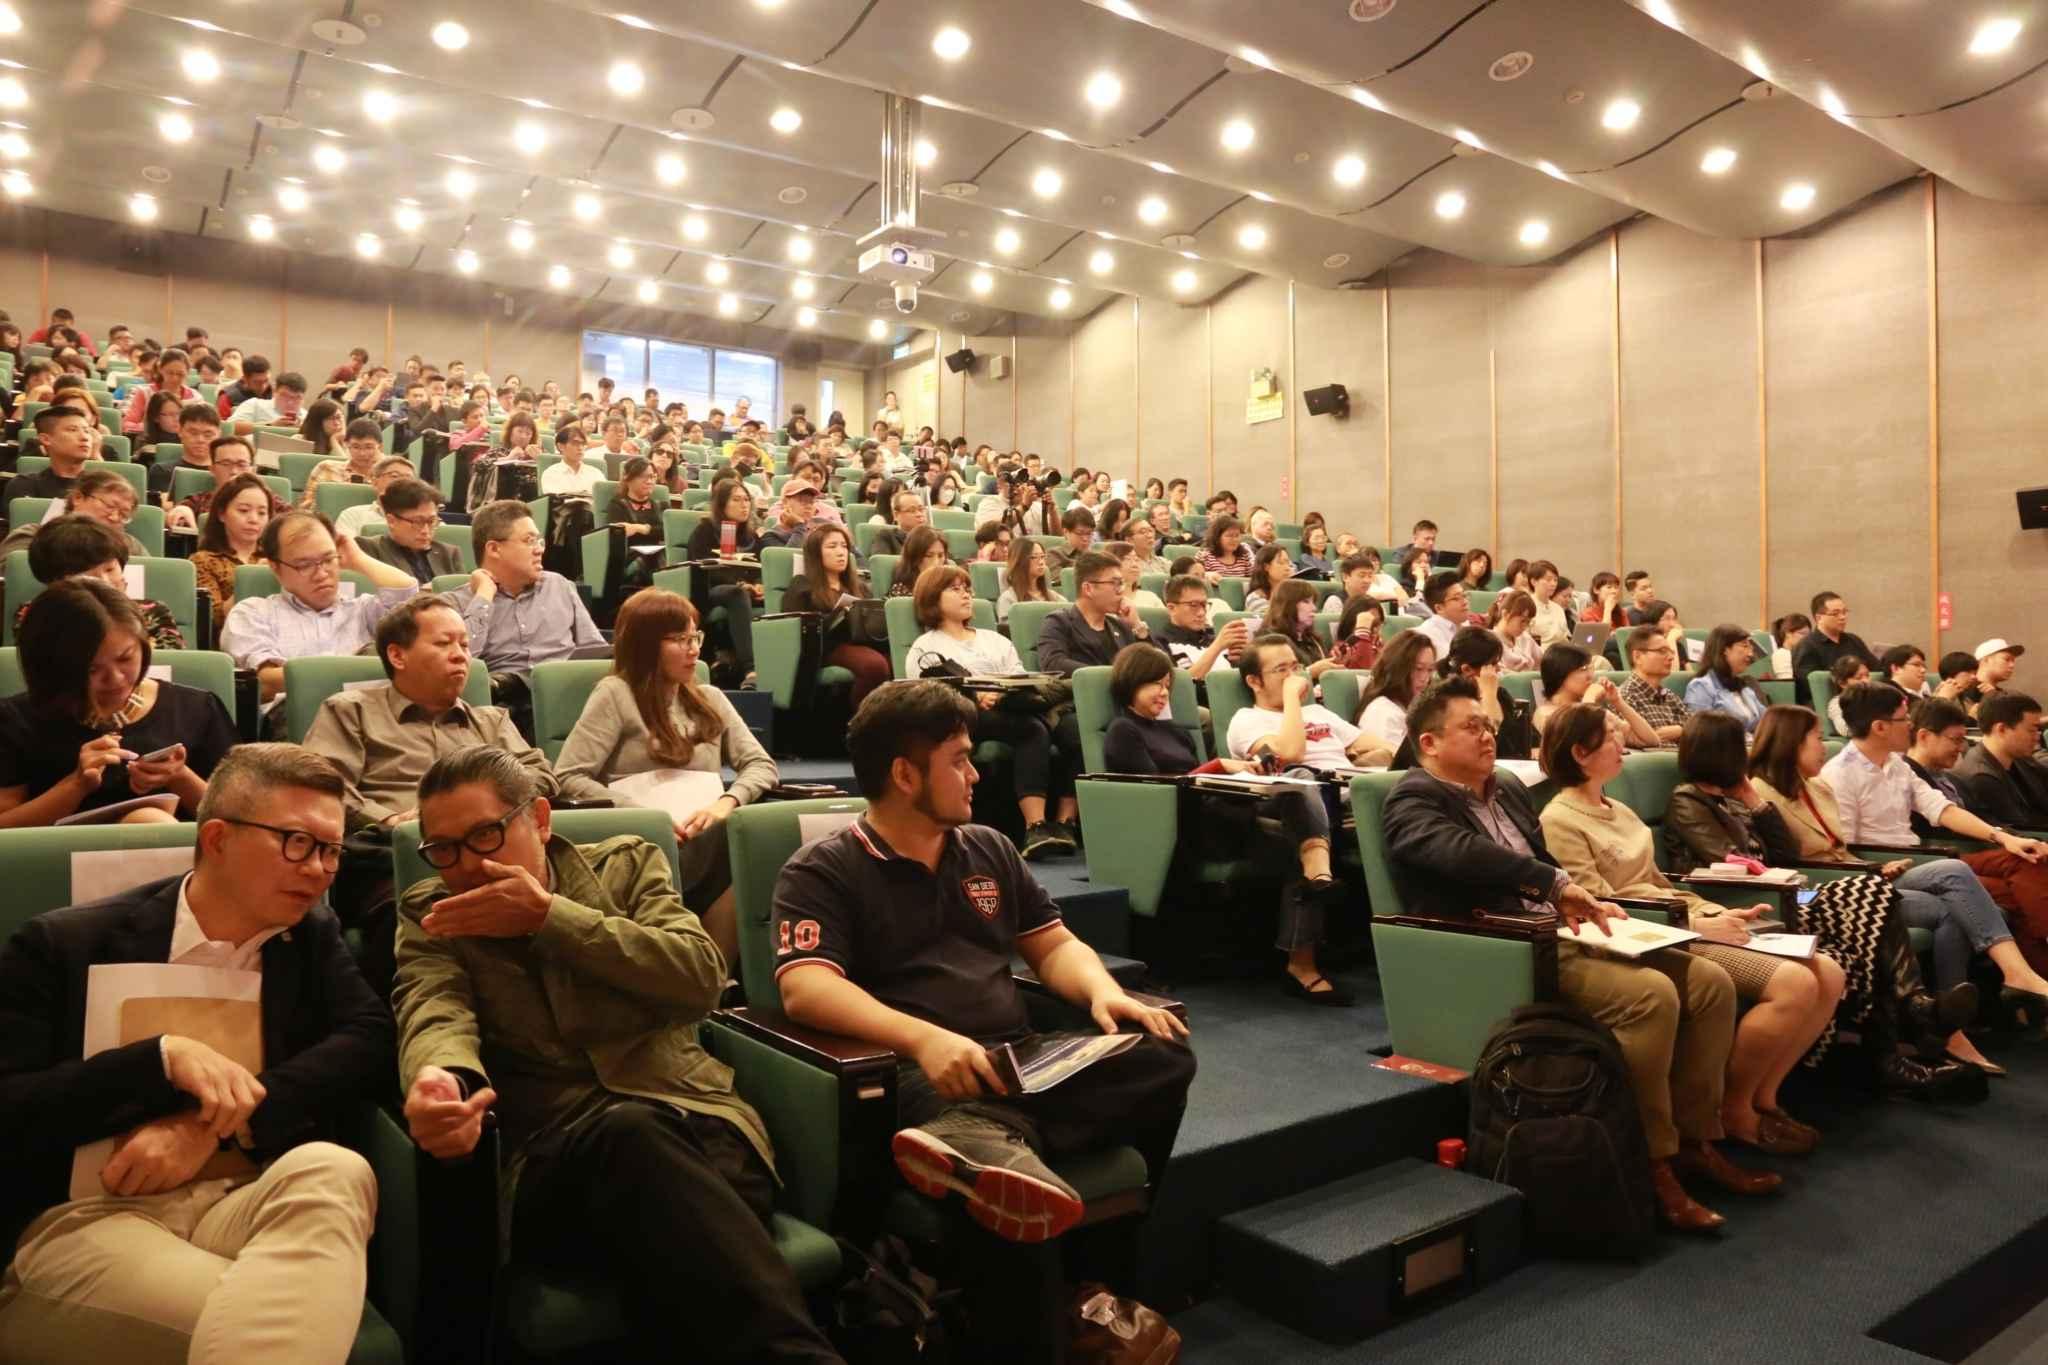 201812 台灣觀光策略發展大會 活動照片